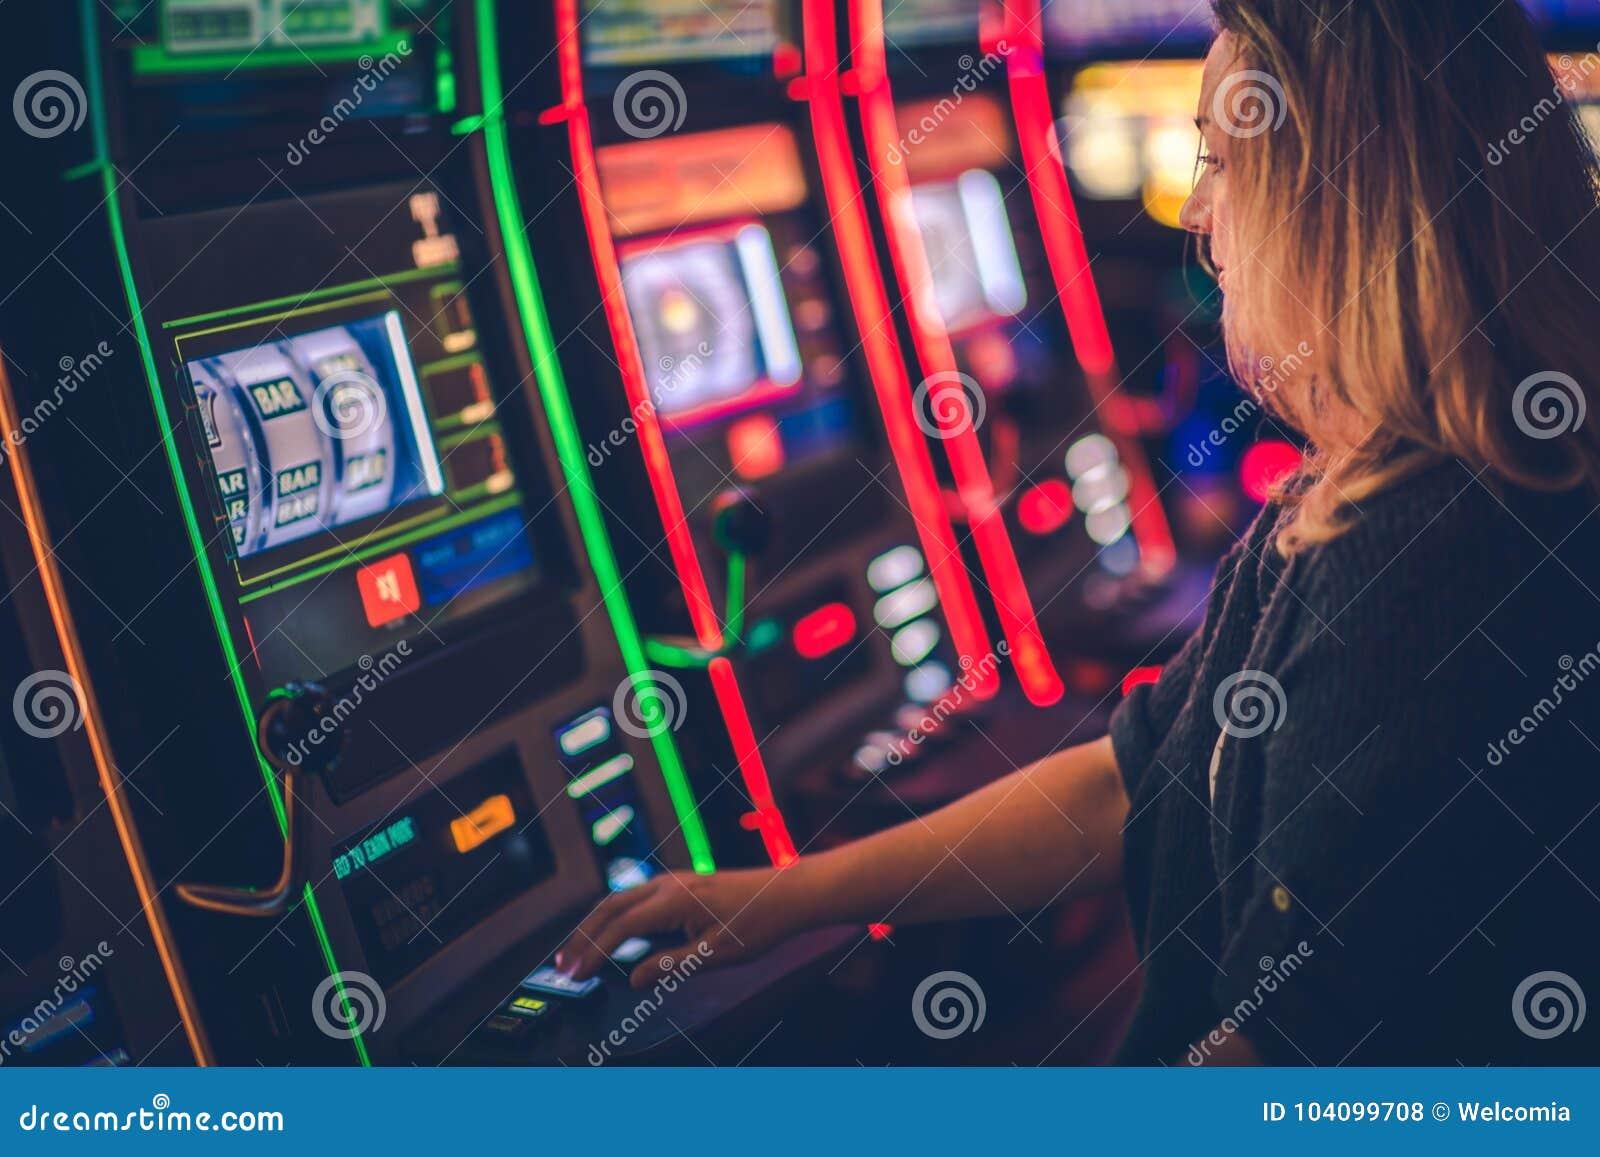 老虎机赌博娱乐场使用